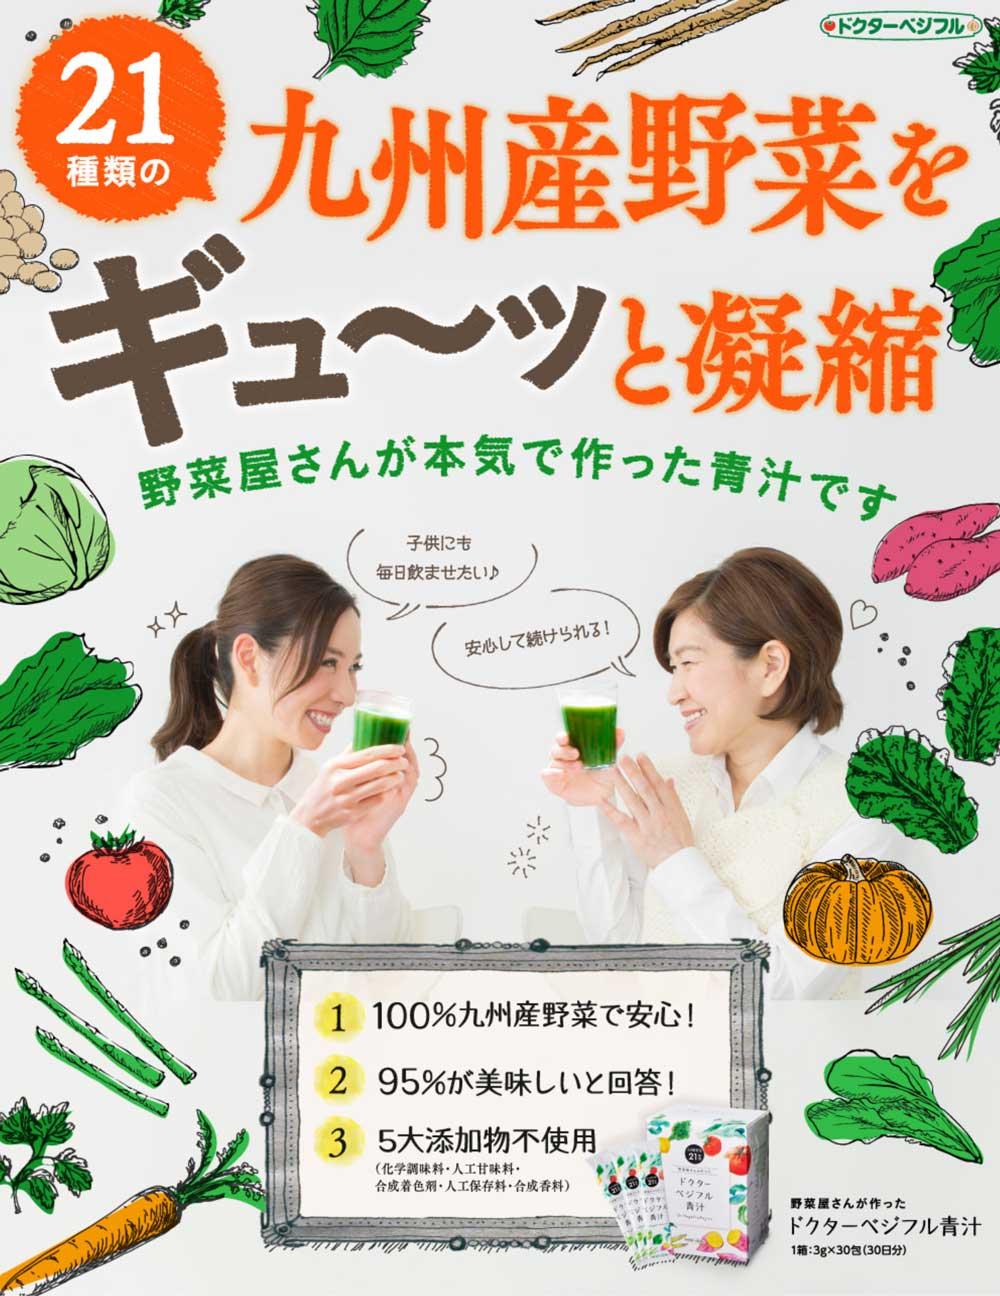 ドクターベジフル青汁公式サイト